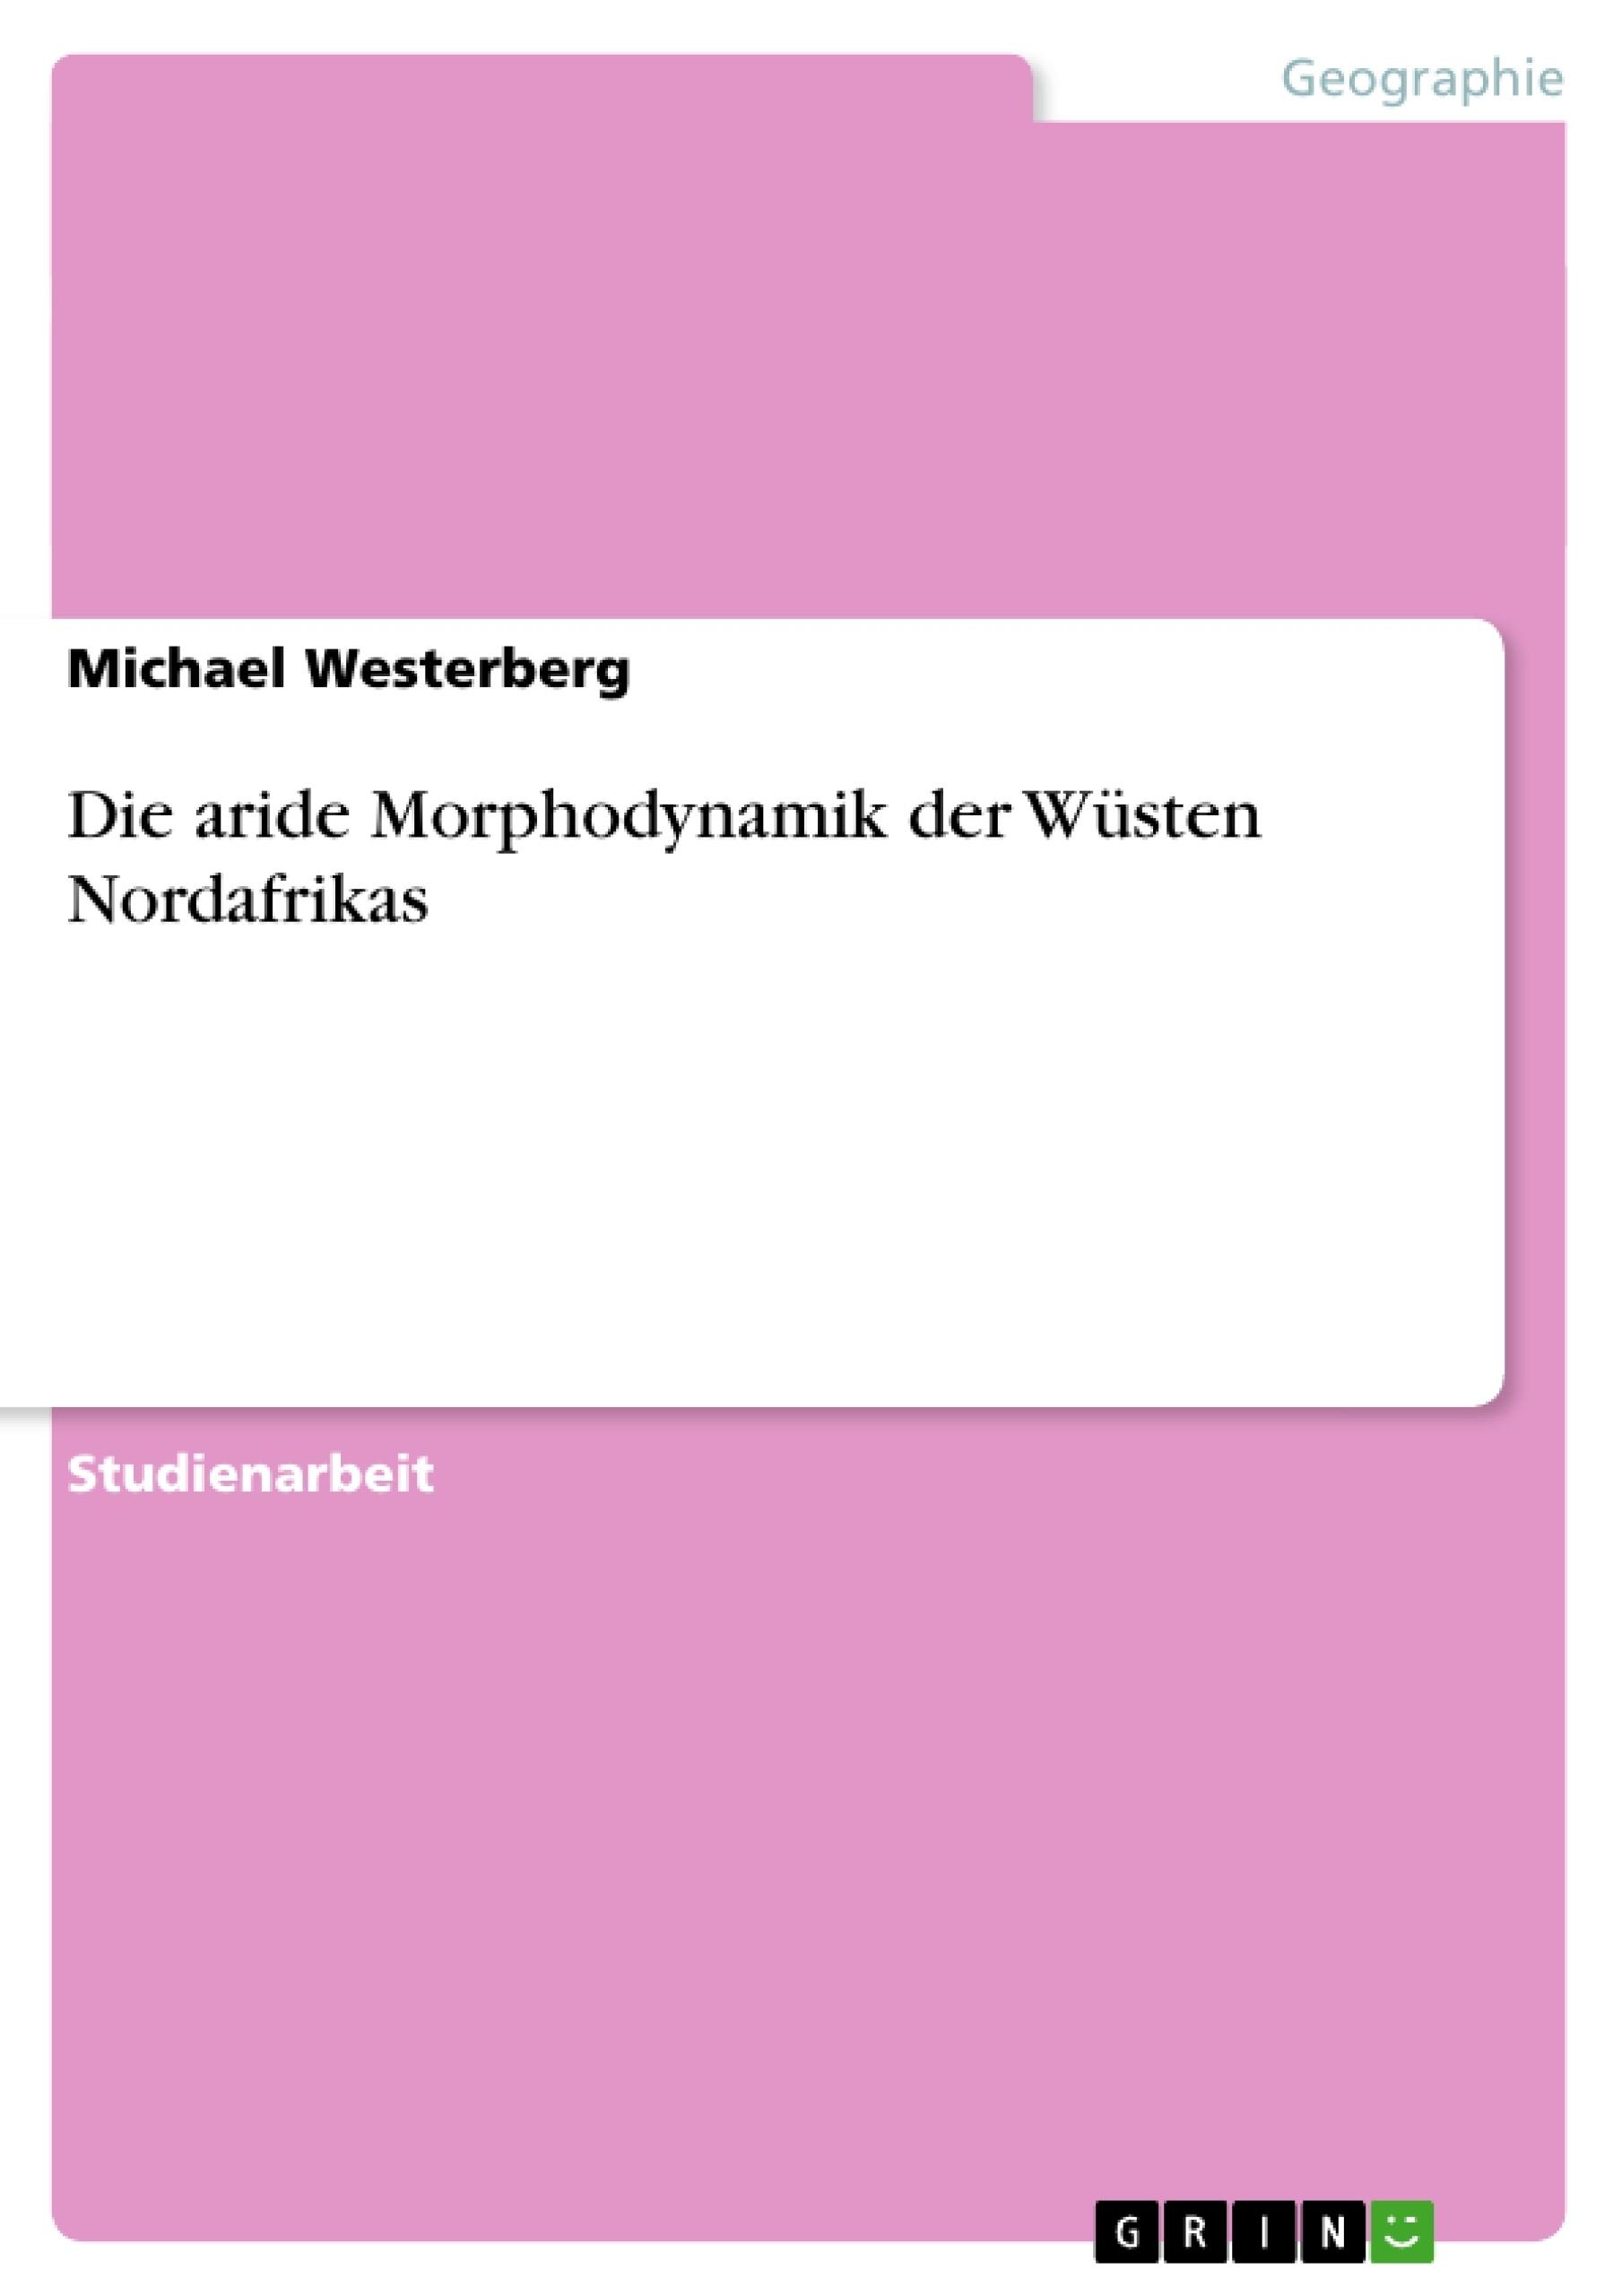 Titel: Die aride Morphodynamik der Wüsten Nordafrikas